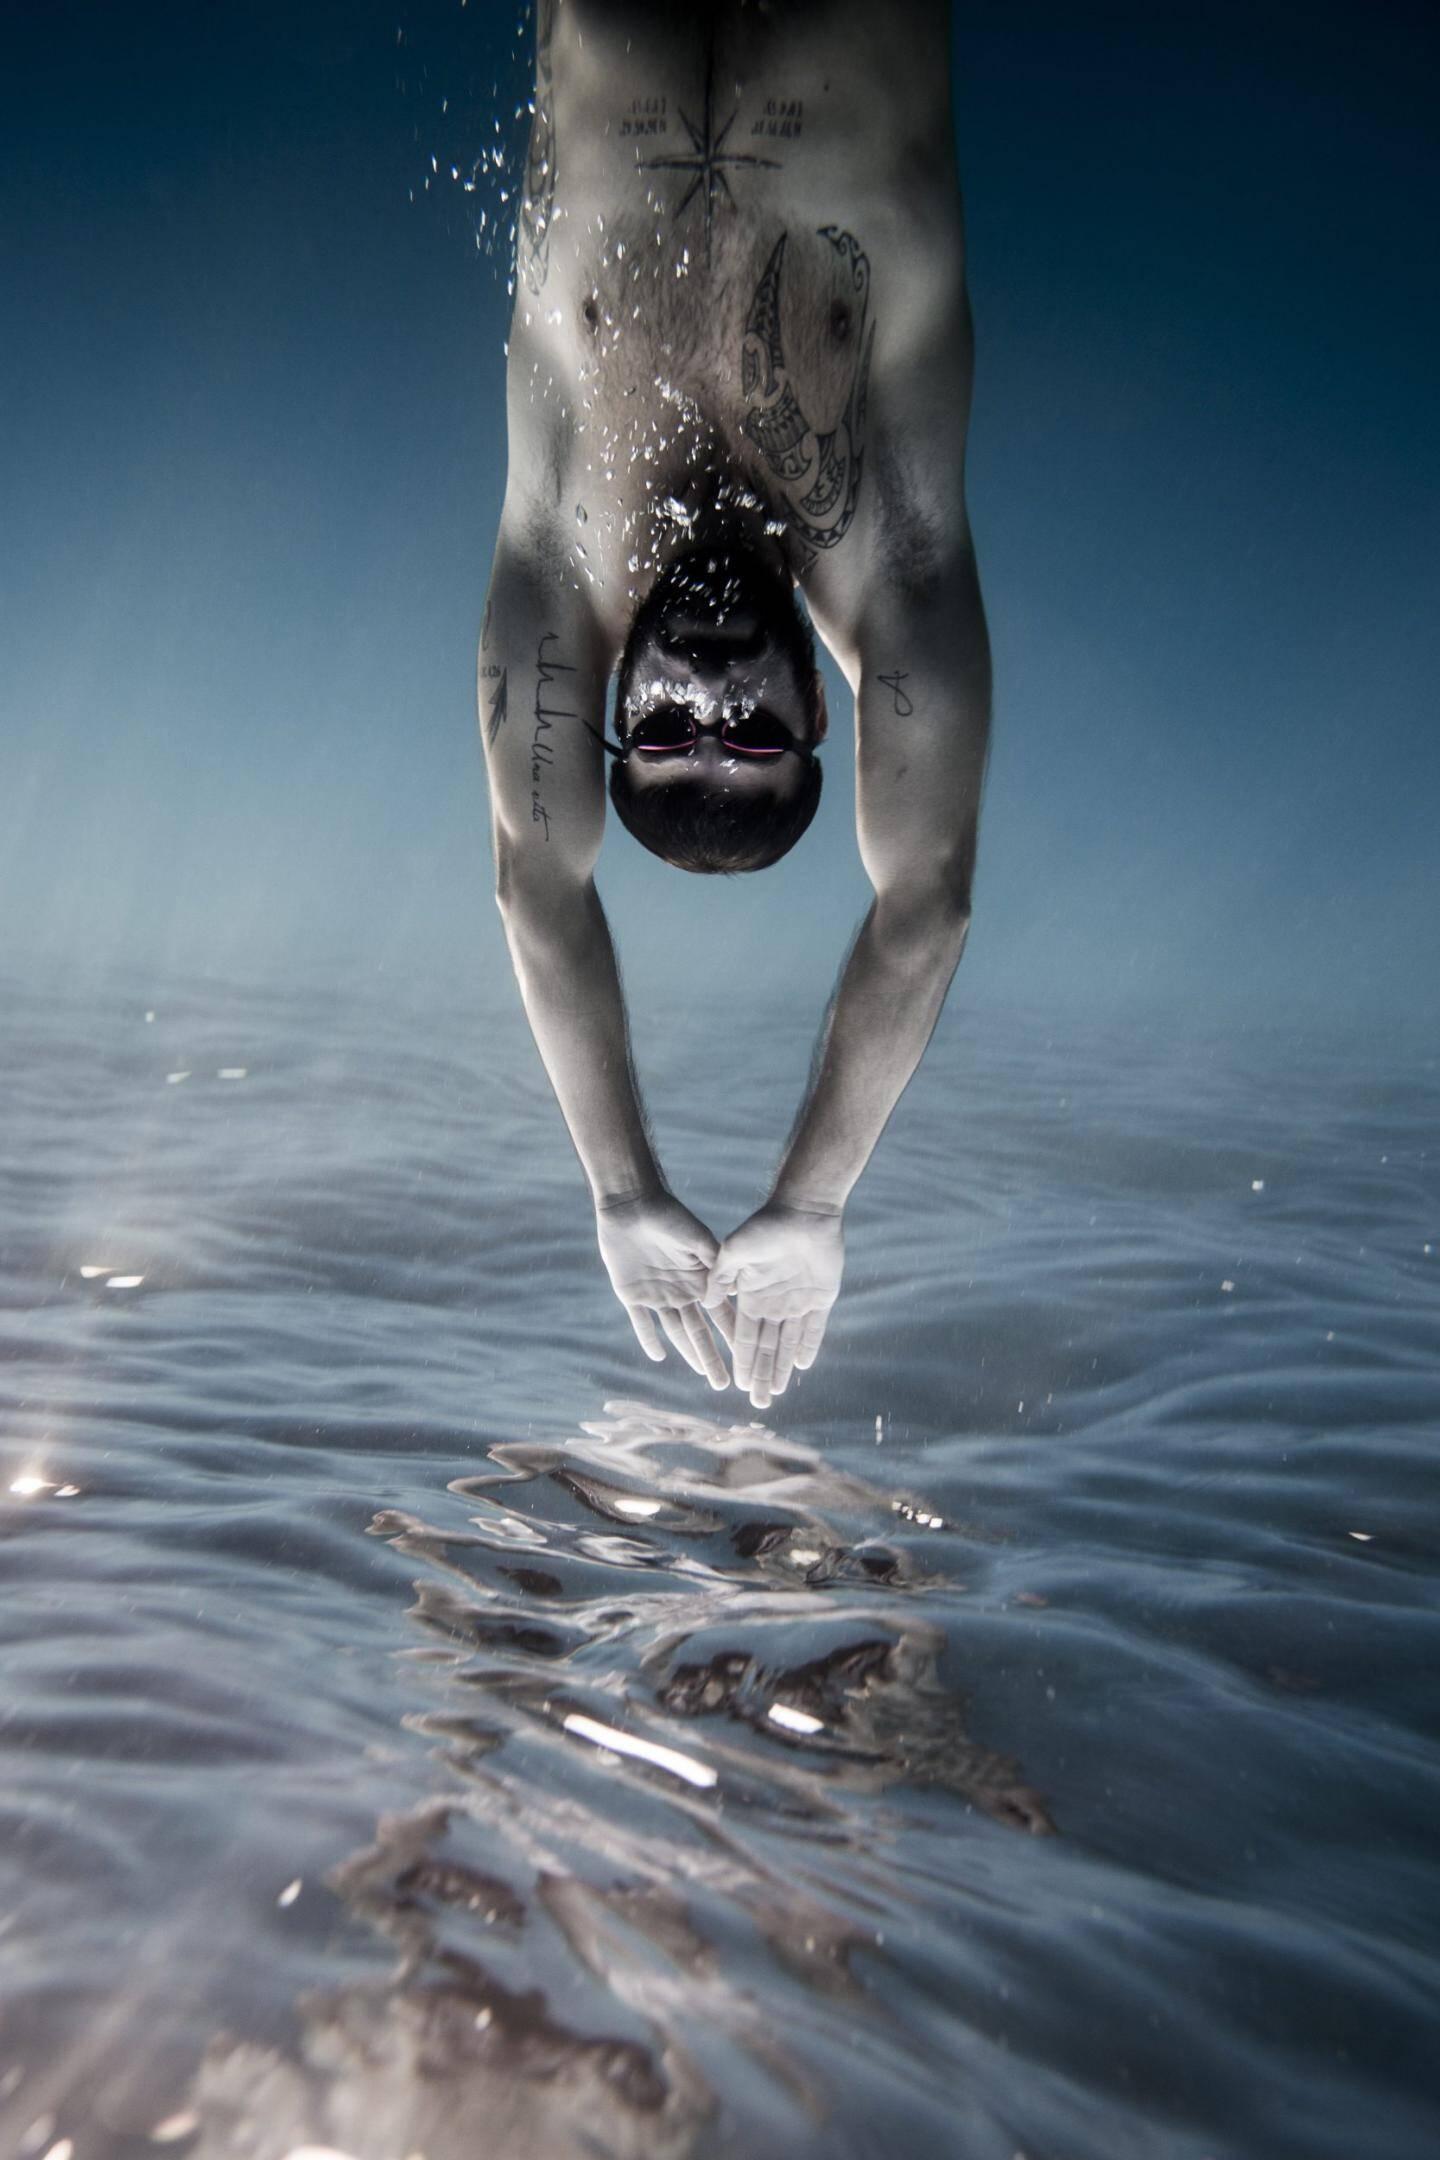 Au bout du Cap-Martin, Florian a capturé cette image poétique de son ami Julien Paul Gonzales, pompier et nageur de compétition